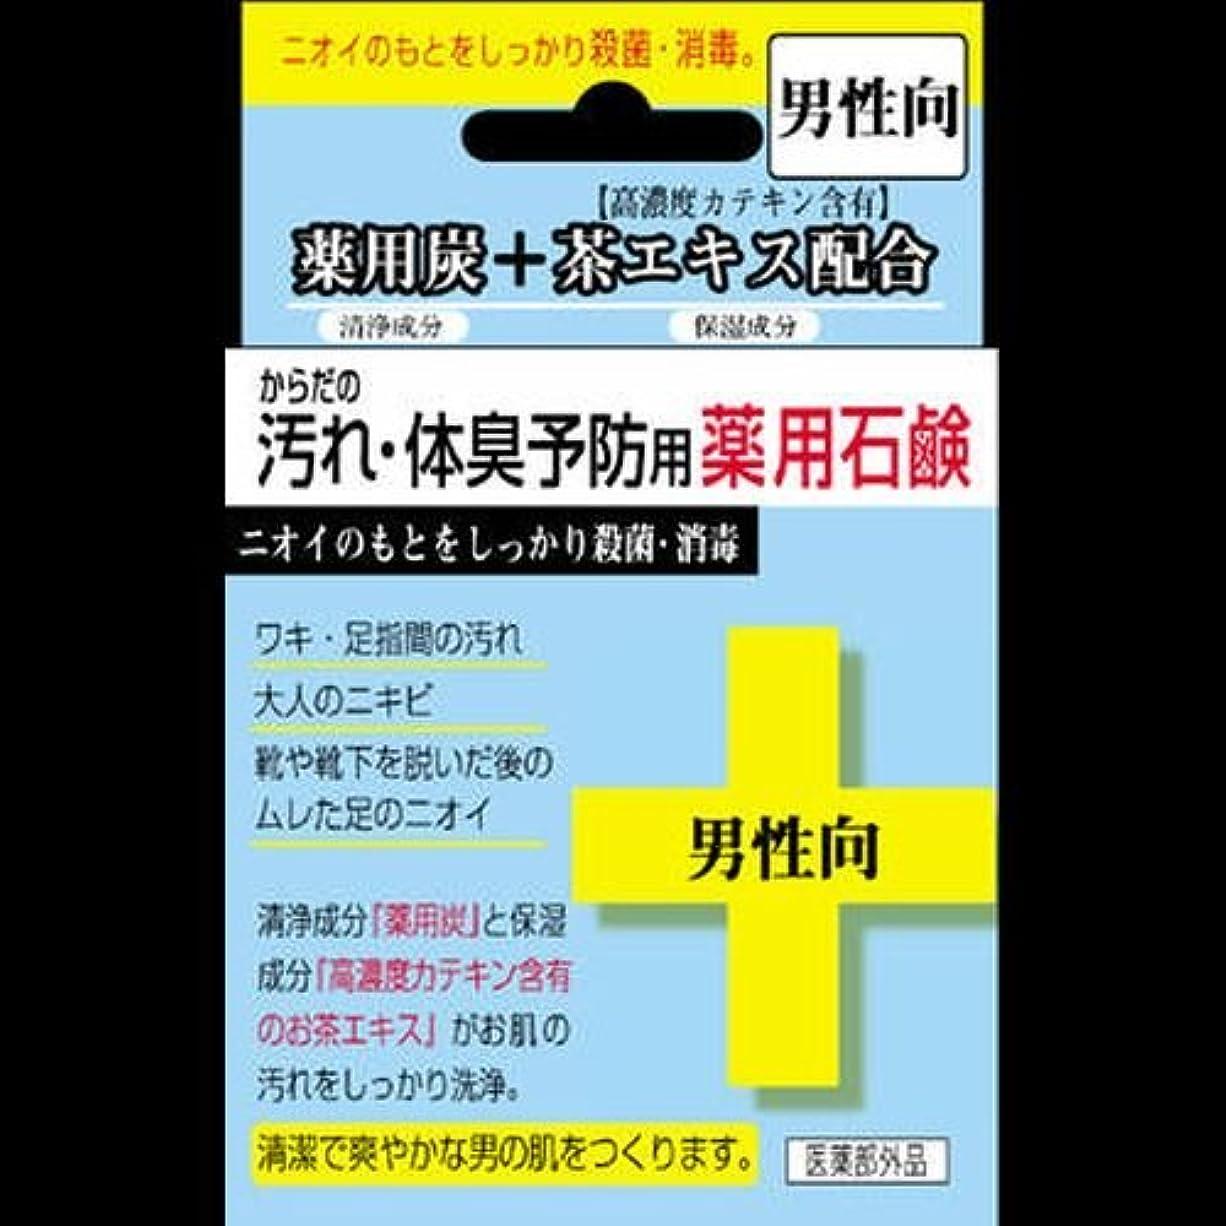 おめでとう宿題トイレ【まとめ買い】からだの汚れ?体臭予防薬用石鹸 男性向け 80g ×2セット